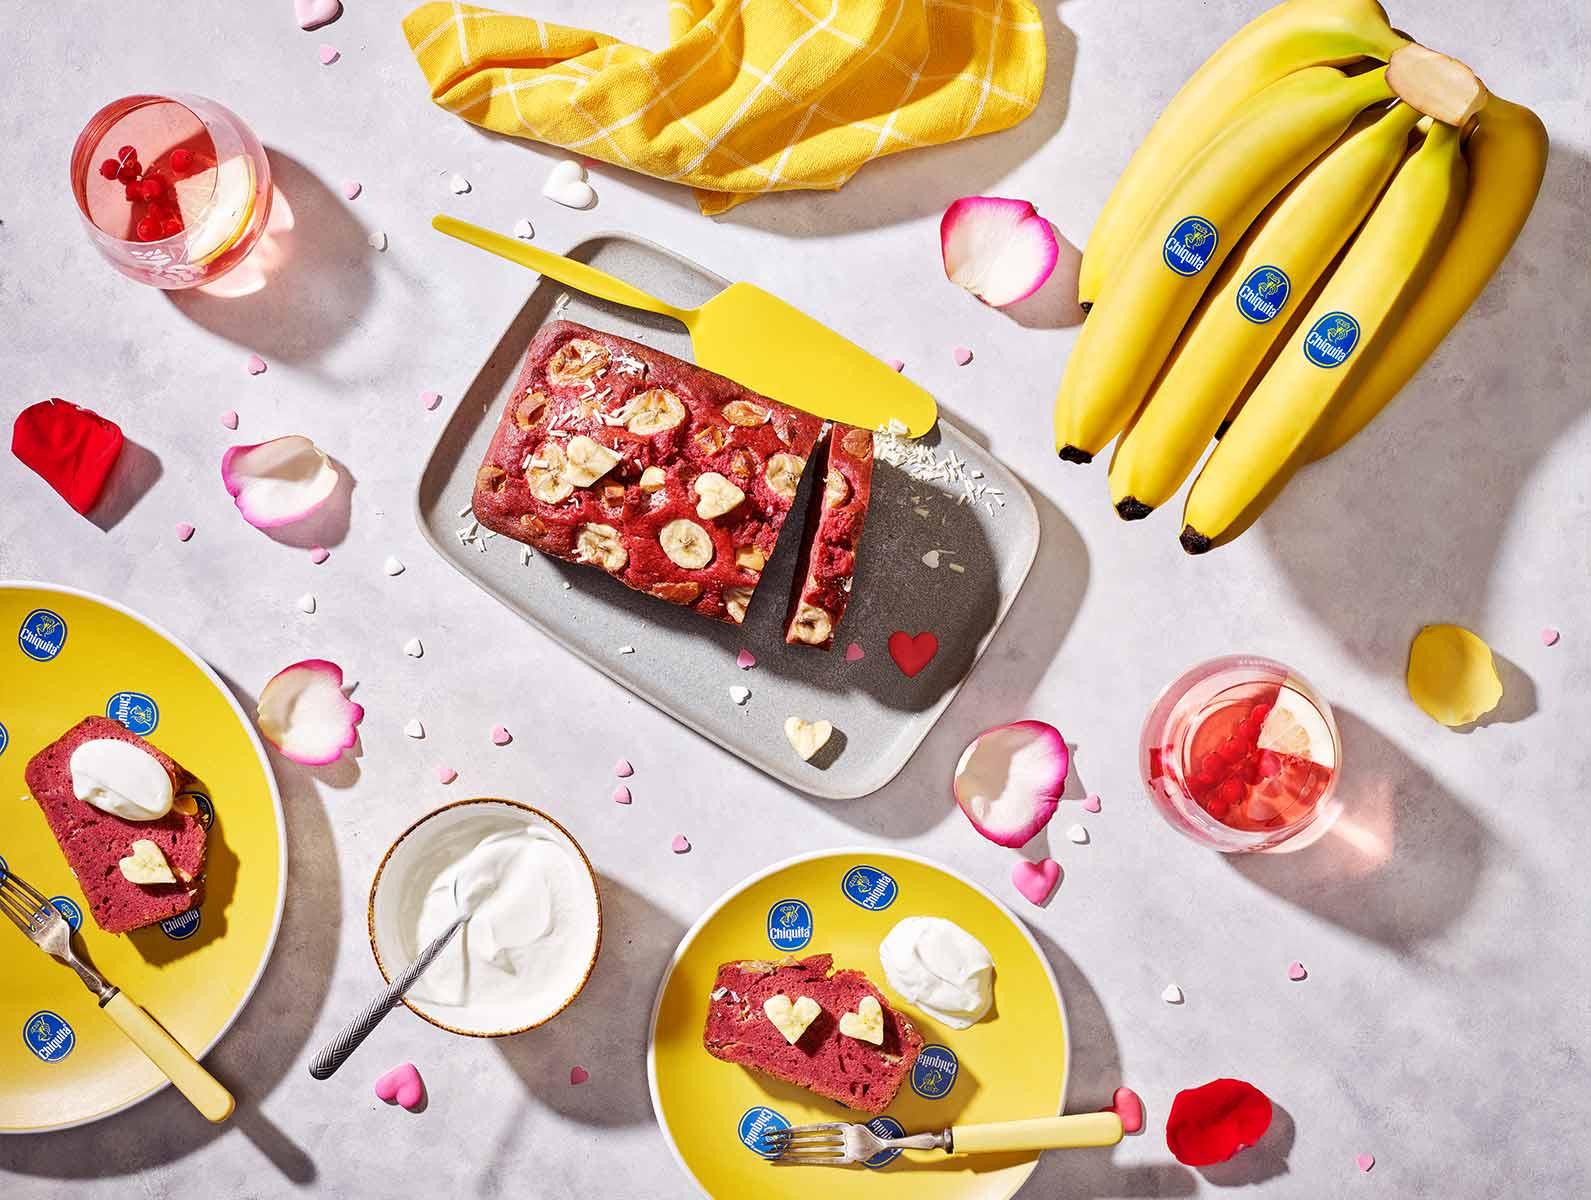 Samtig weiches Chiquita Bananenbrot zum Valentinstag